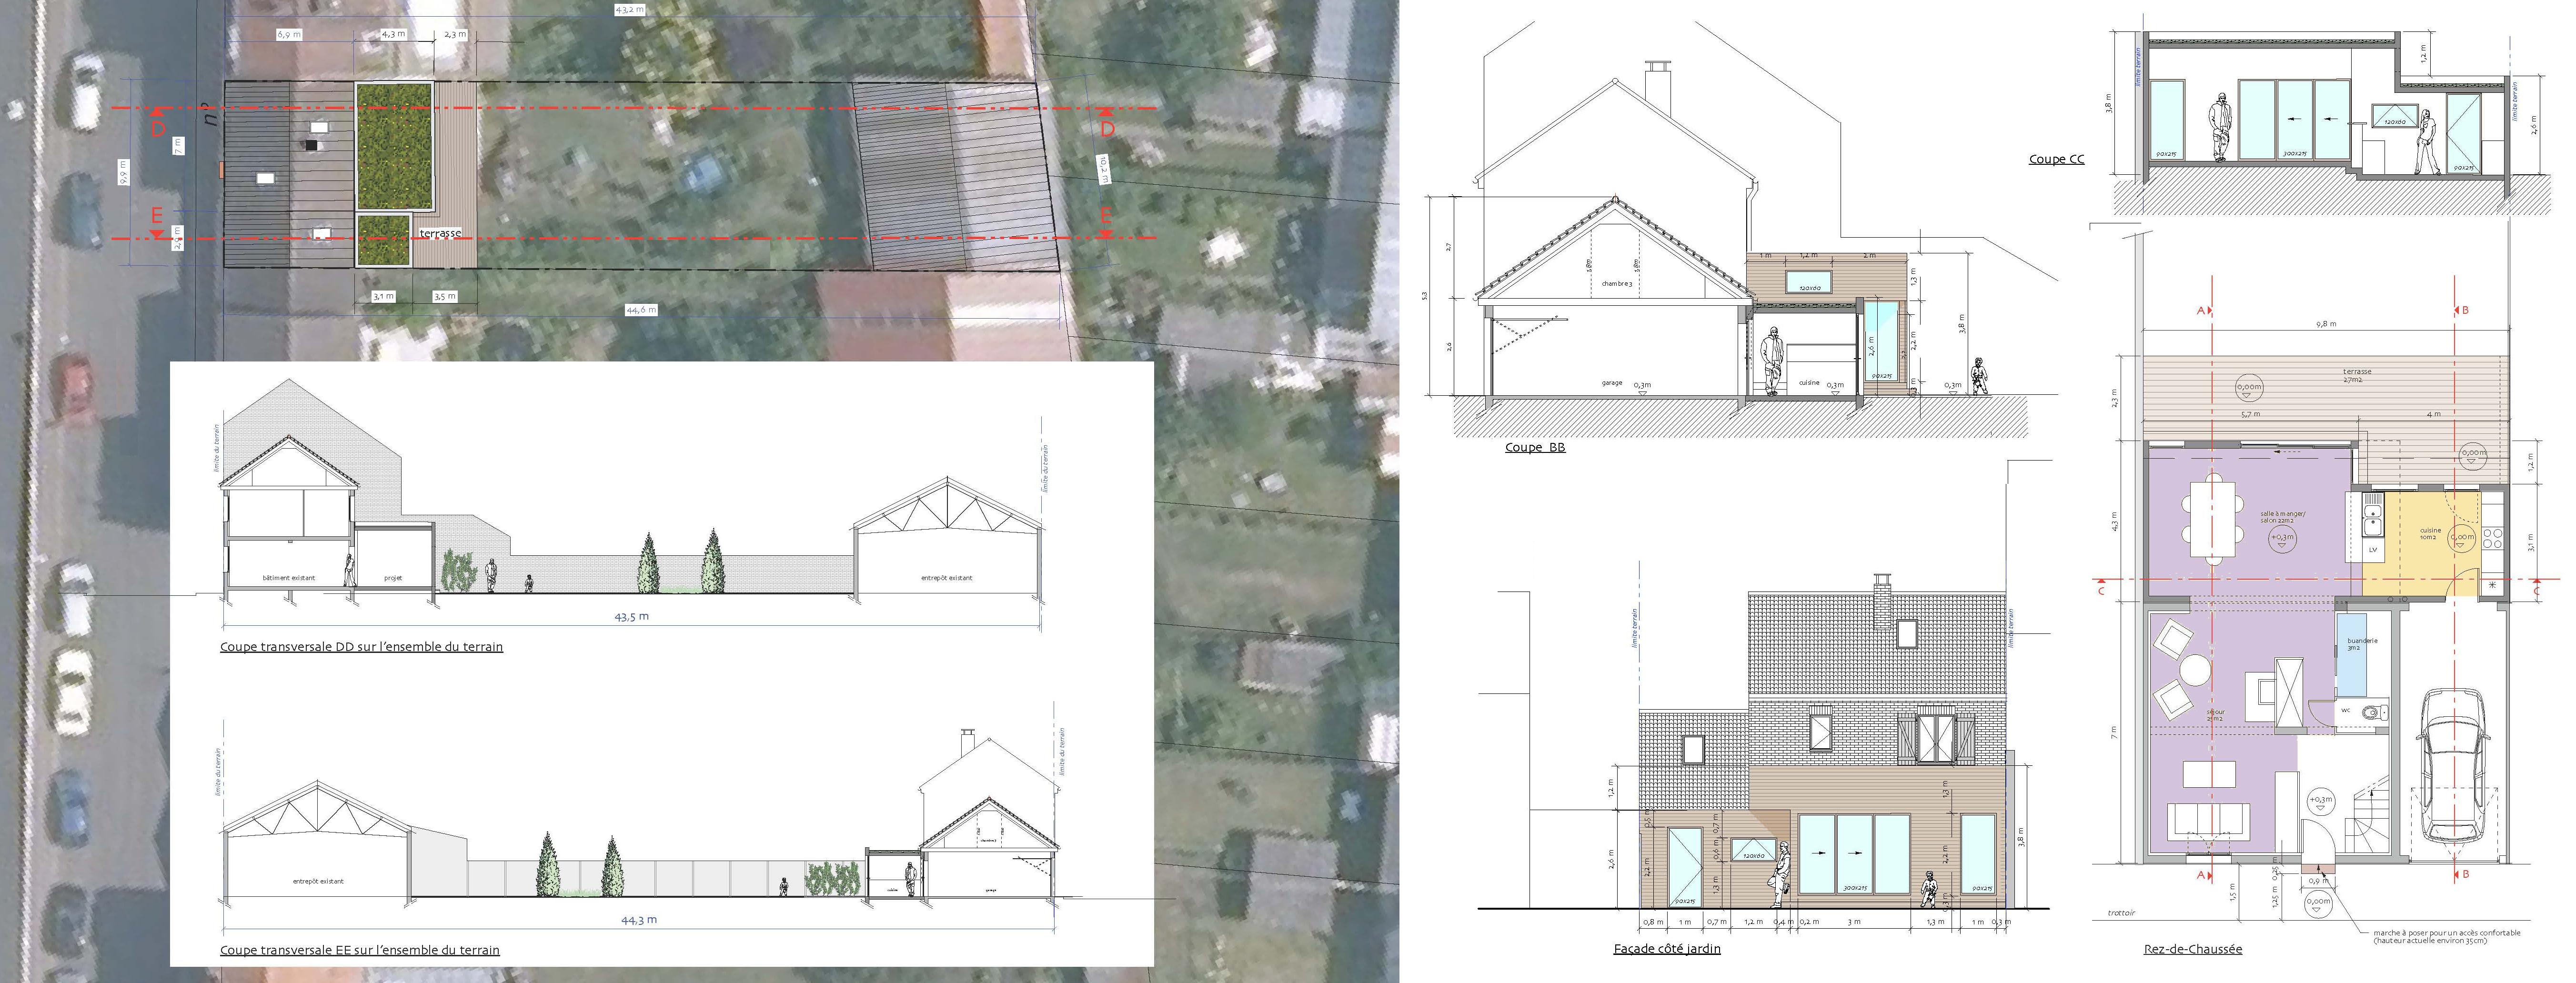 plan masse, coupes sur le terrain, coupe, façades et plan